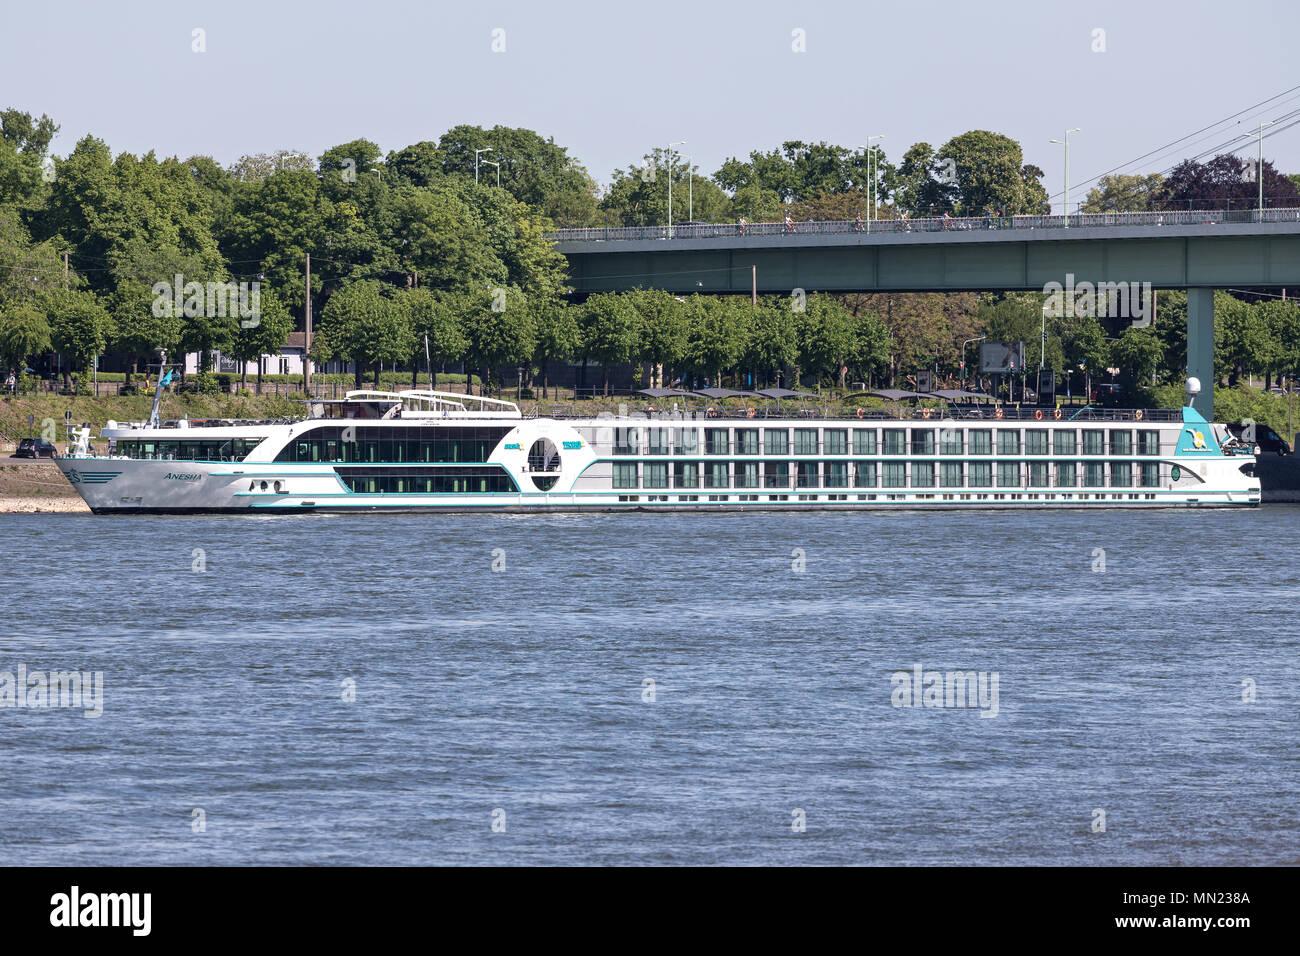 Rver ANESHA Kreuzfahrtschiff von Phoenix Reisen in Köln, Deutschland. ANESHA hat eine Kapazität von 180 Passagieren und ist 135 m lang. Stockbild